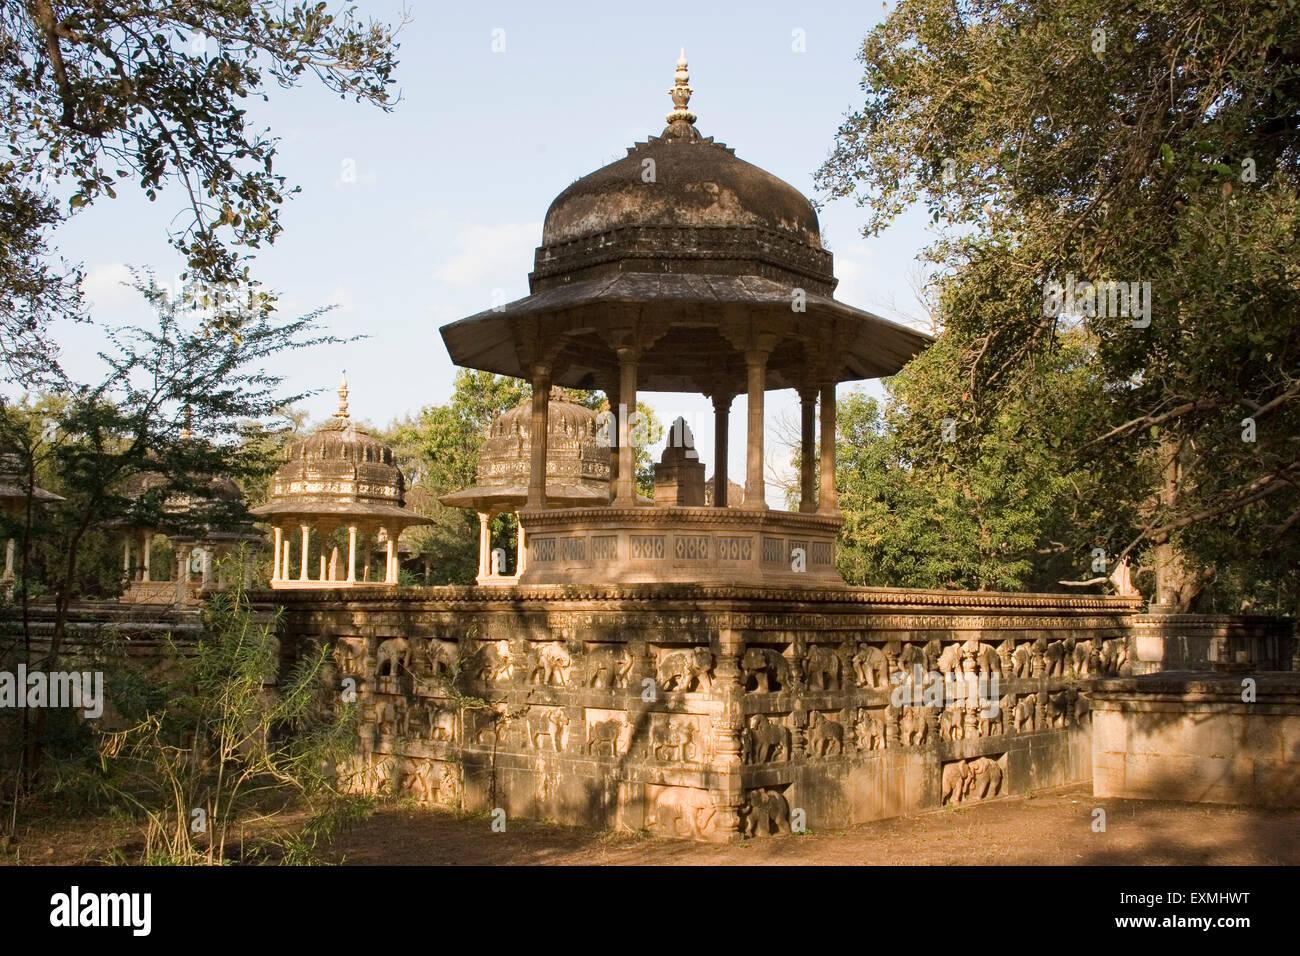 Kesar Bagh royal cremation ground ; Bundi ; Rajasthan ; India - Stock Image